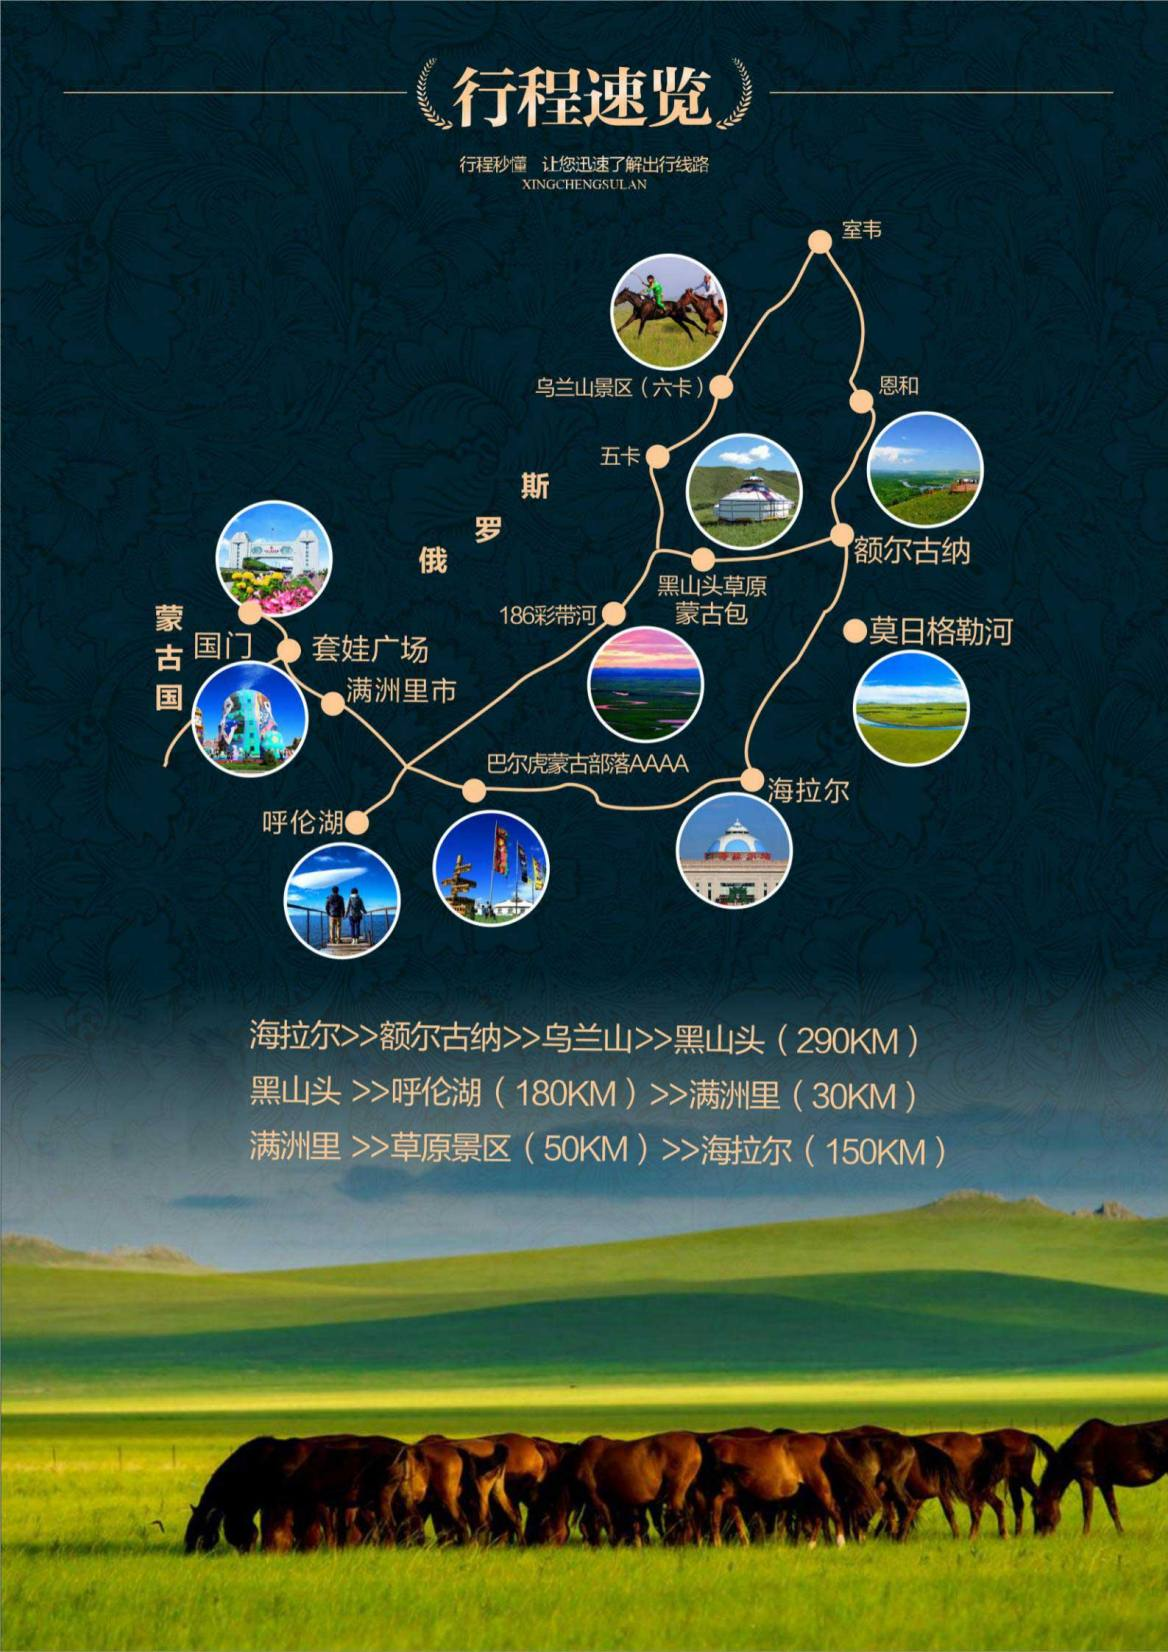 TD-9王者风范·穿越小包团-3日_04